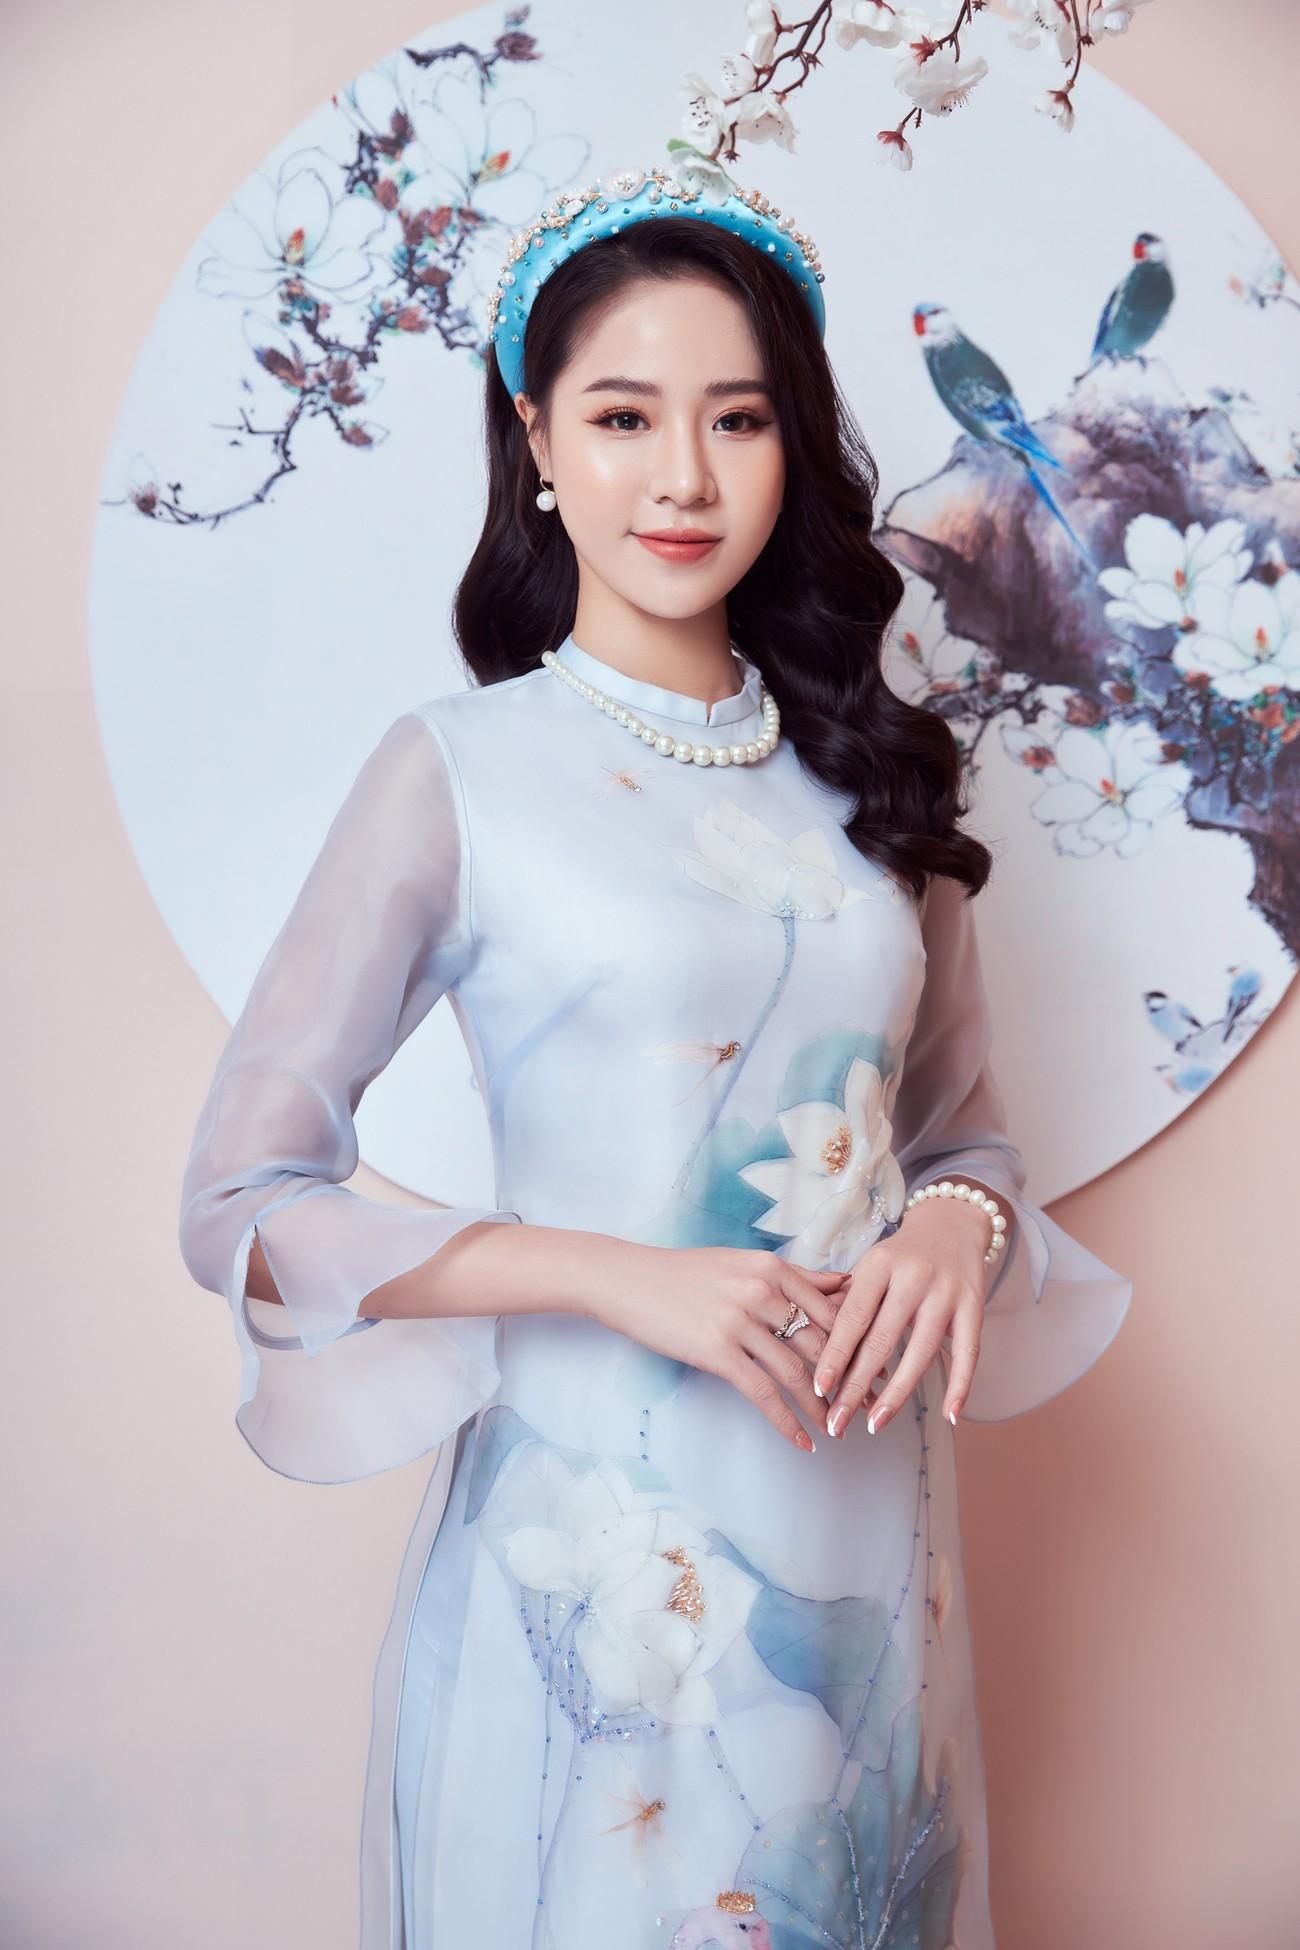 Người đẹp Biển Nguyễn Hoàng Bảo Châu đẹp 'gây mê' trong bộ ảnh áo dài đón Tết ảnh 3